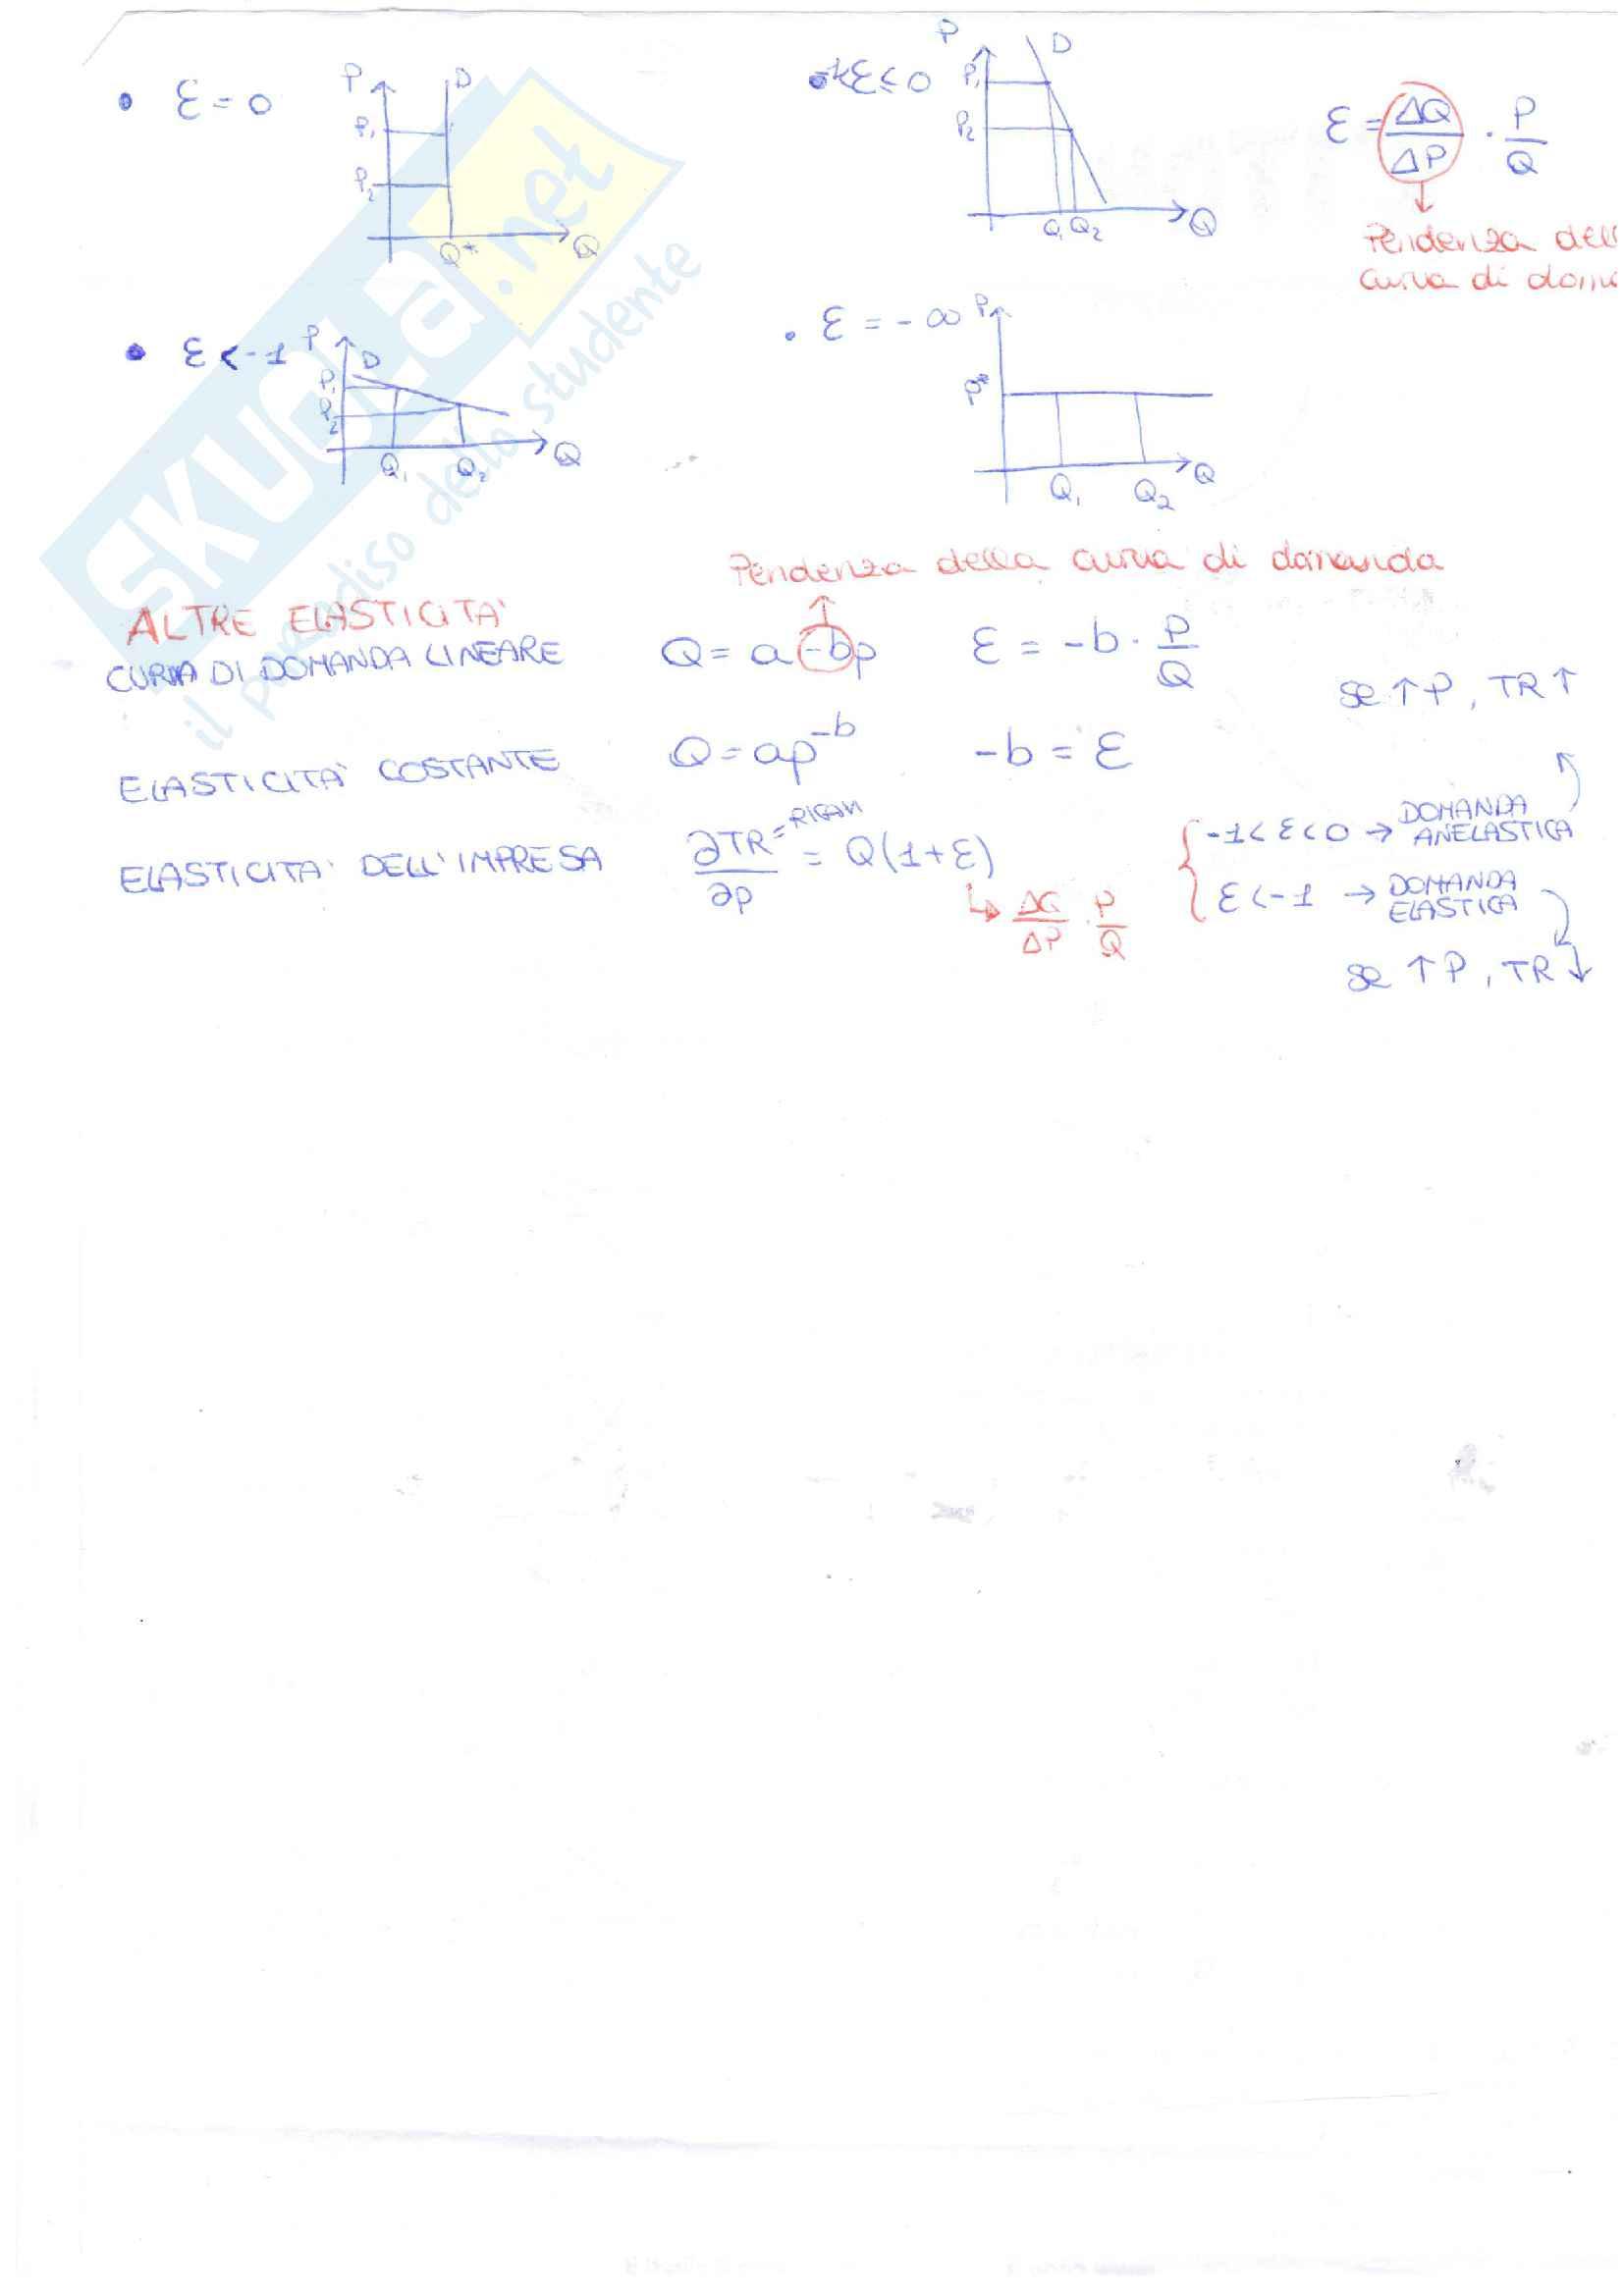 Appunti Microeconomia Pag. 2